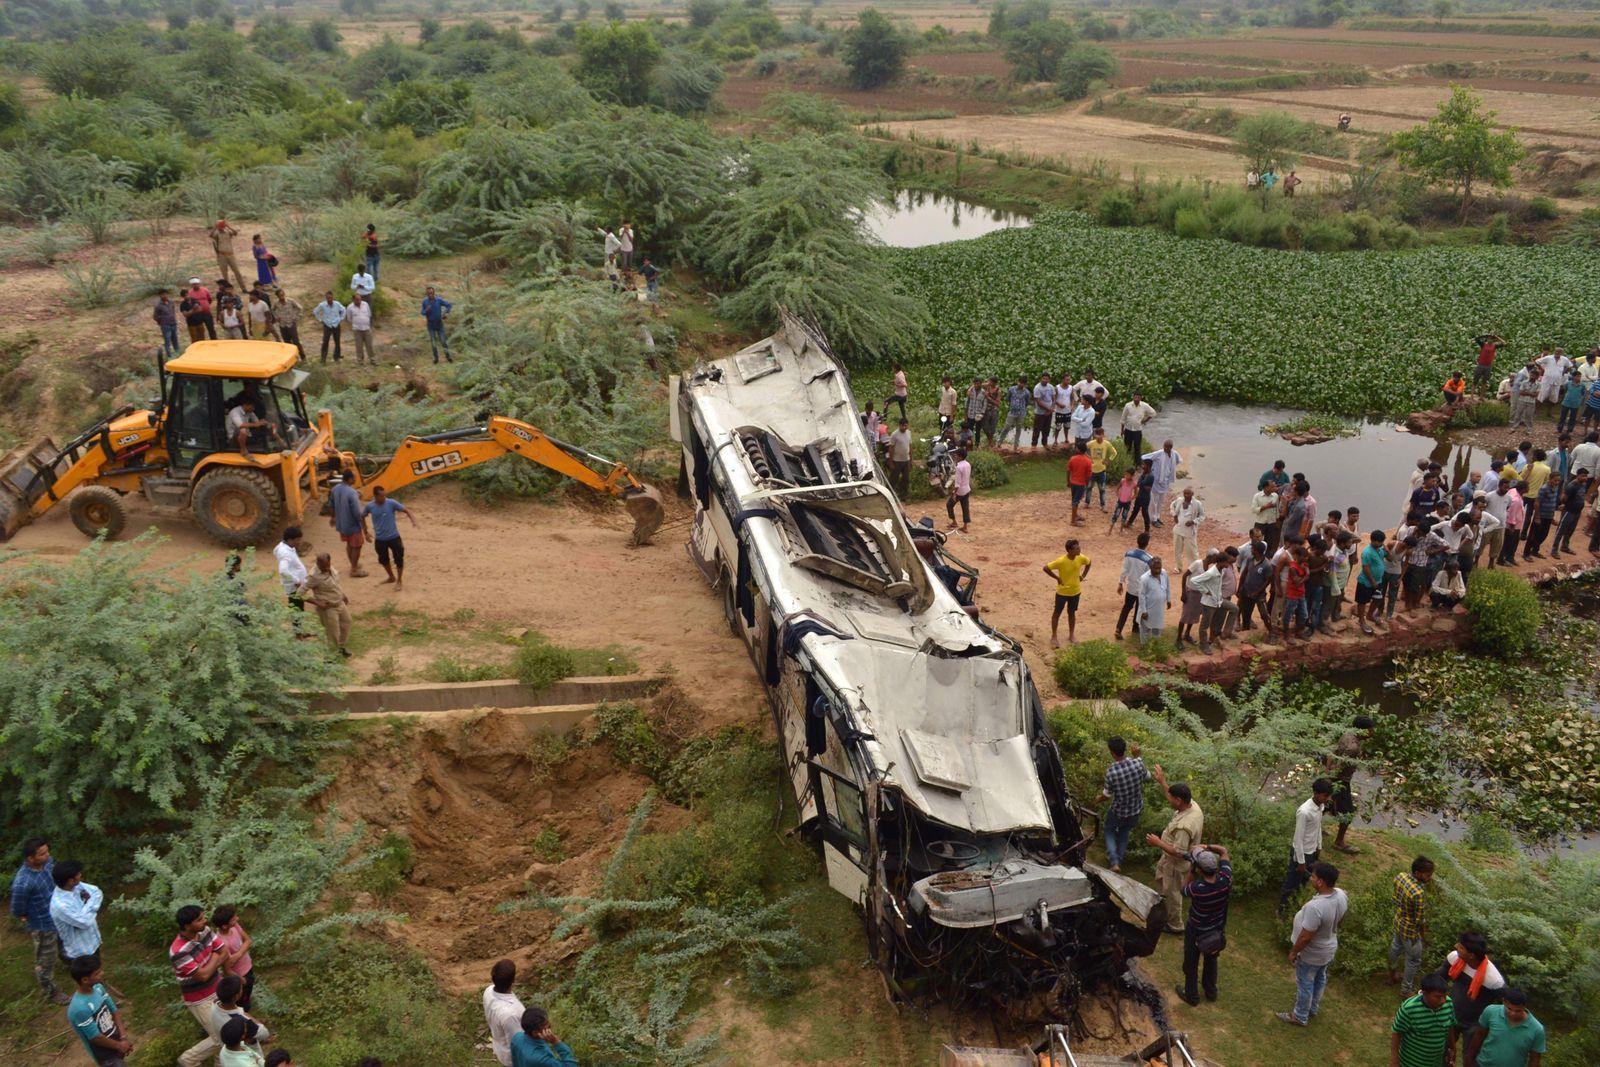 TOPSHOT-INDIA-ACCIDENT